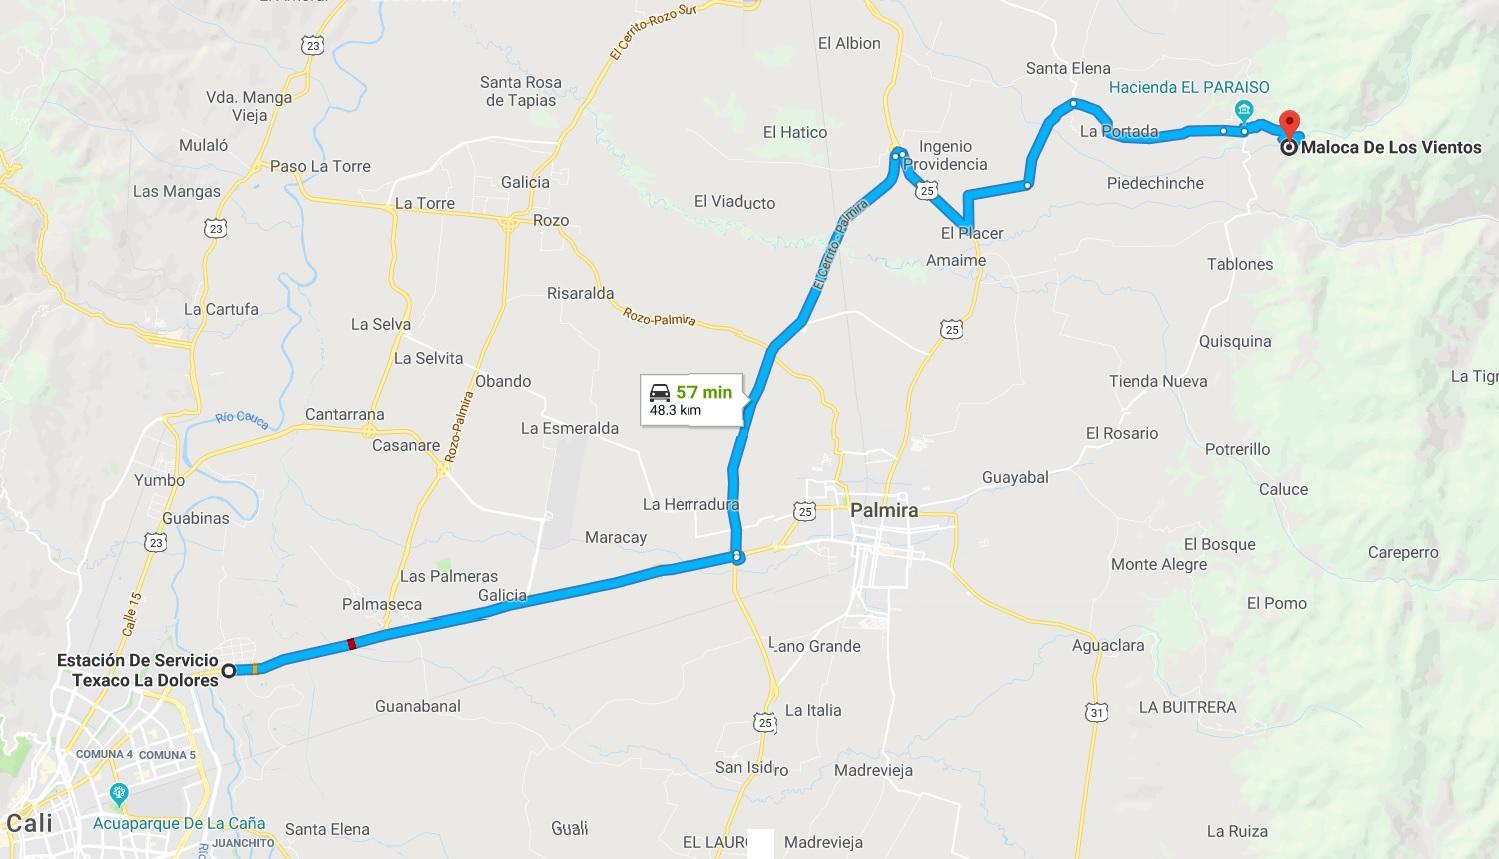 Mapa desde Cali a Maloca